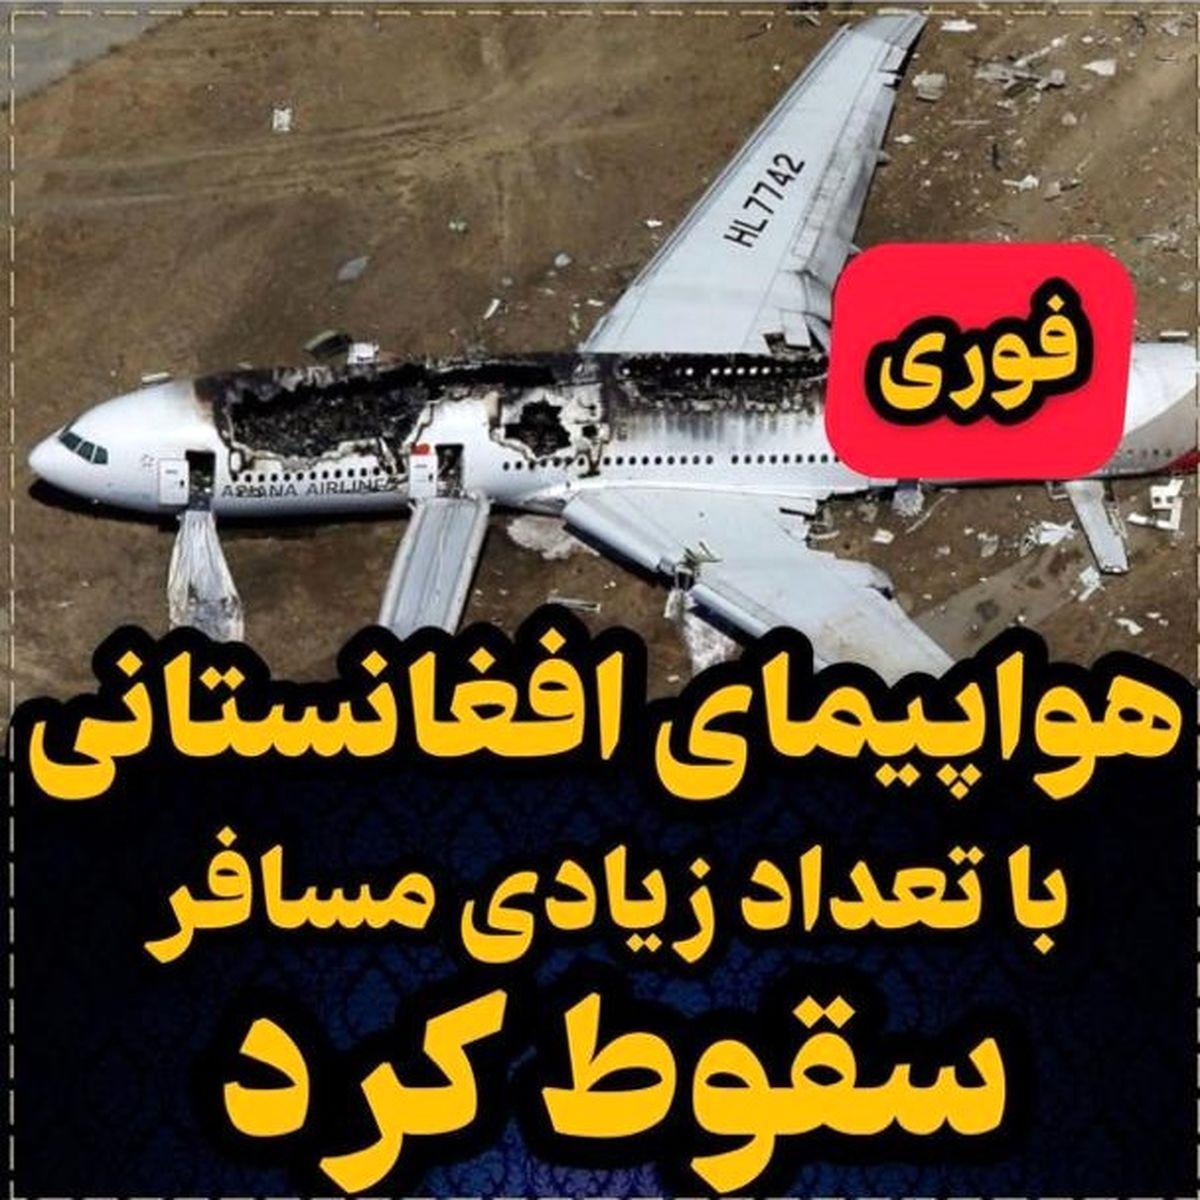 اولین فیلم از سقوط سه نفر از هواپیمای افغانستان | فیلم